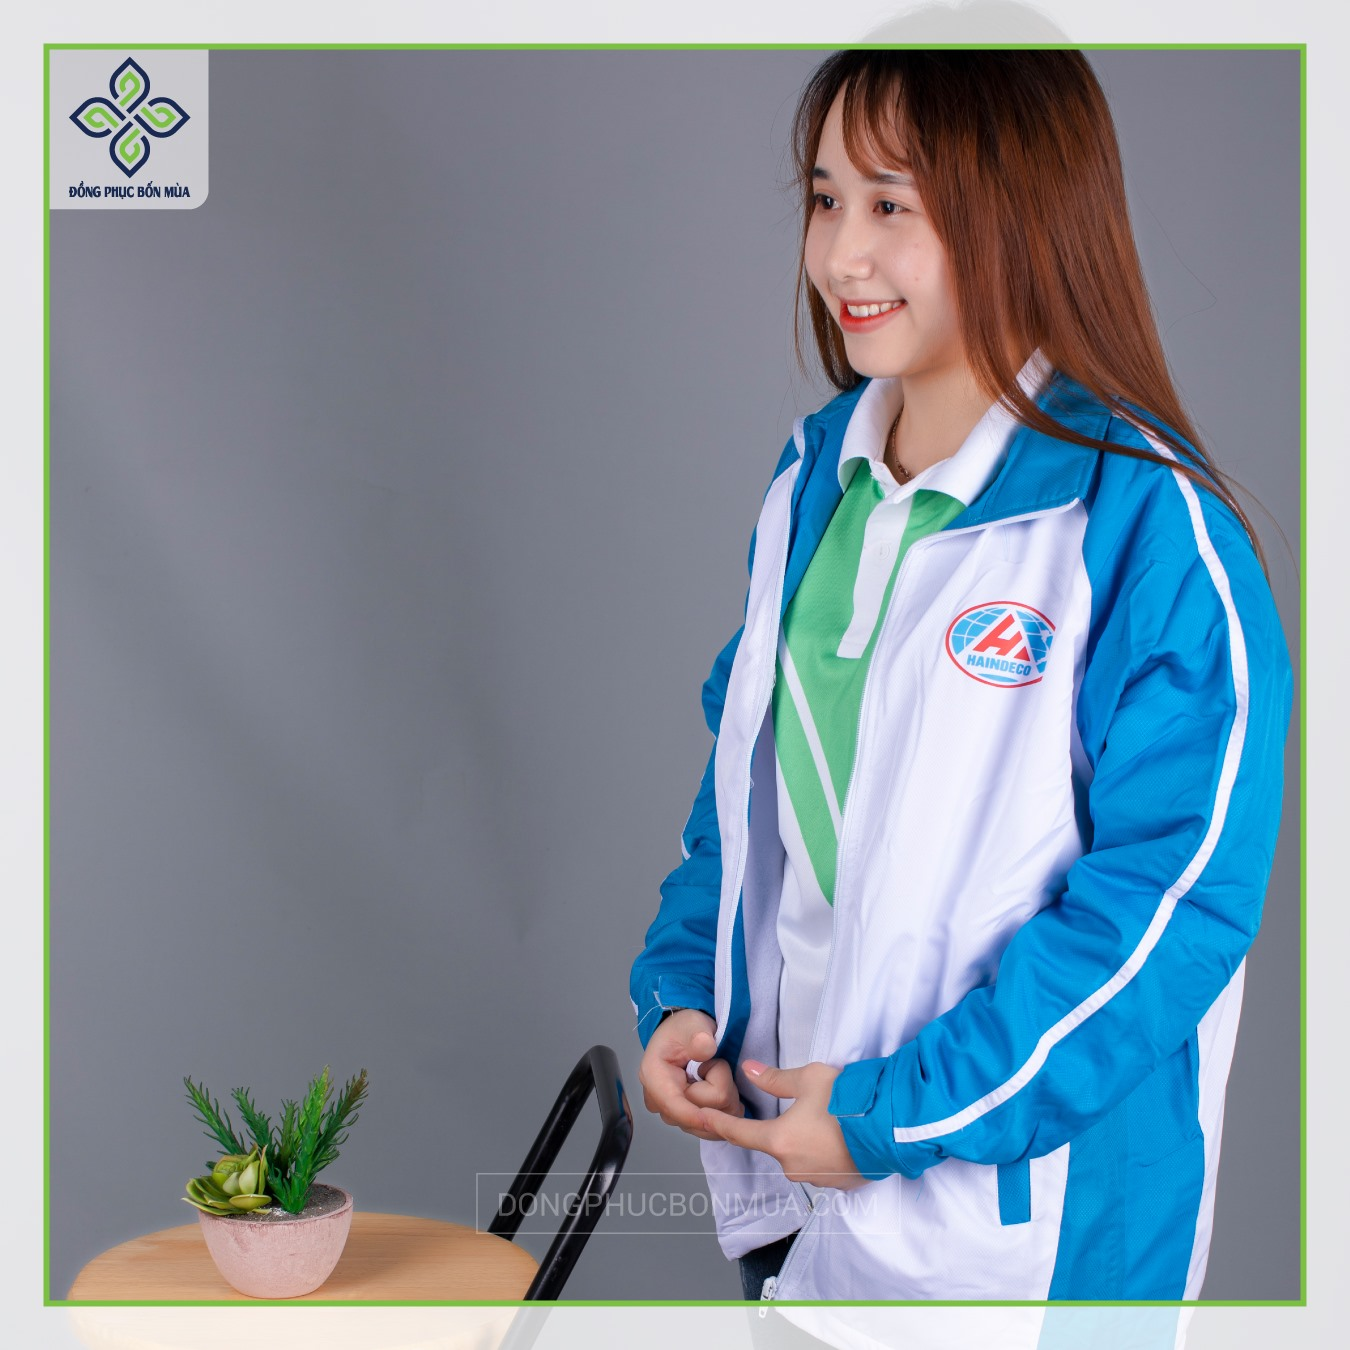 Áo đồng phục được phối màu sinh động và đẹp mắt.